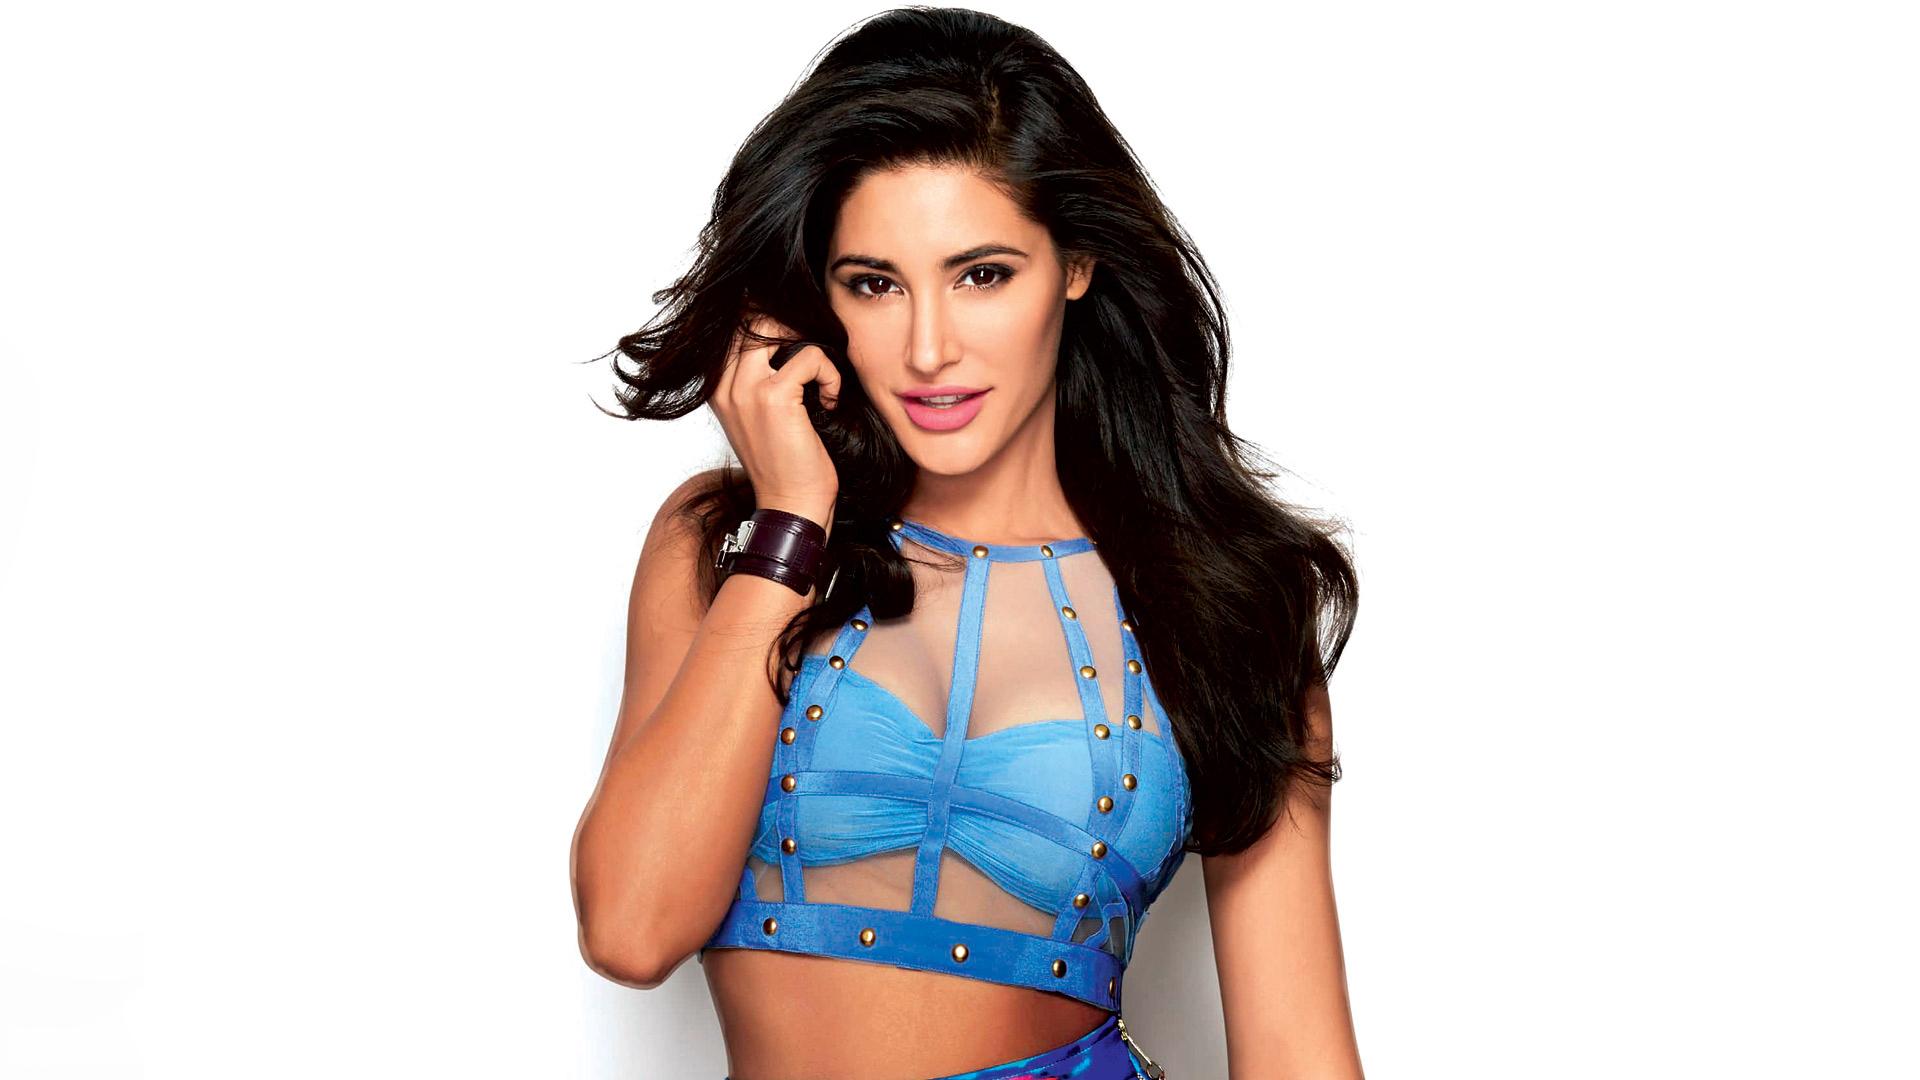 Celebrities Hd Wallpaper Download Nargis Fakhri Hd: Nargis Fakhri New Hot Hd Wallpapers